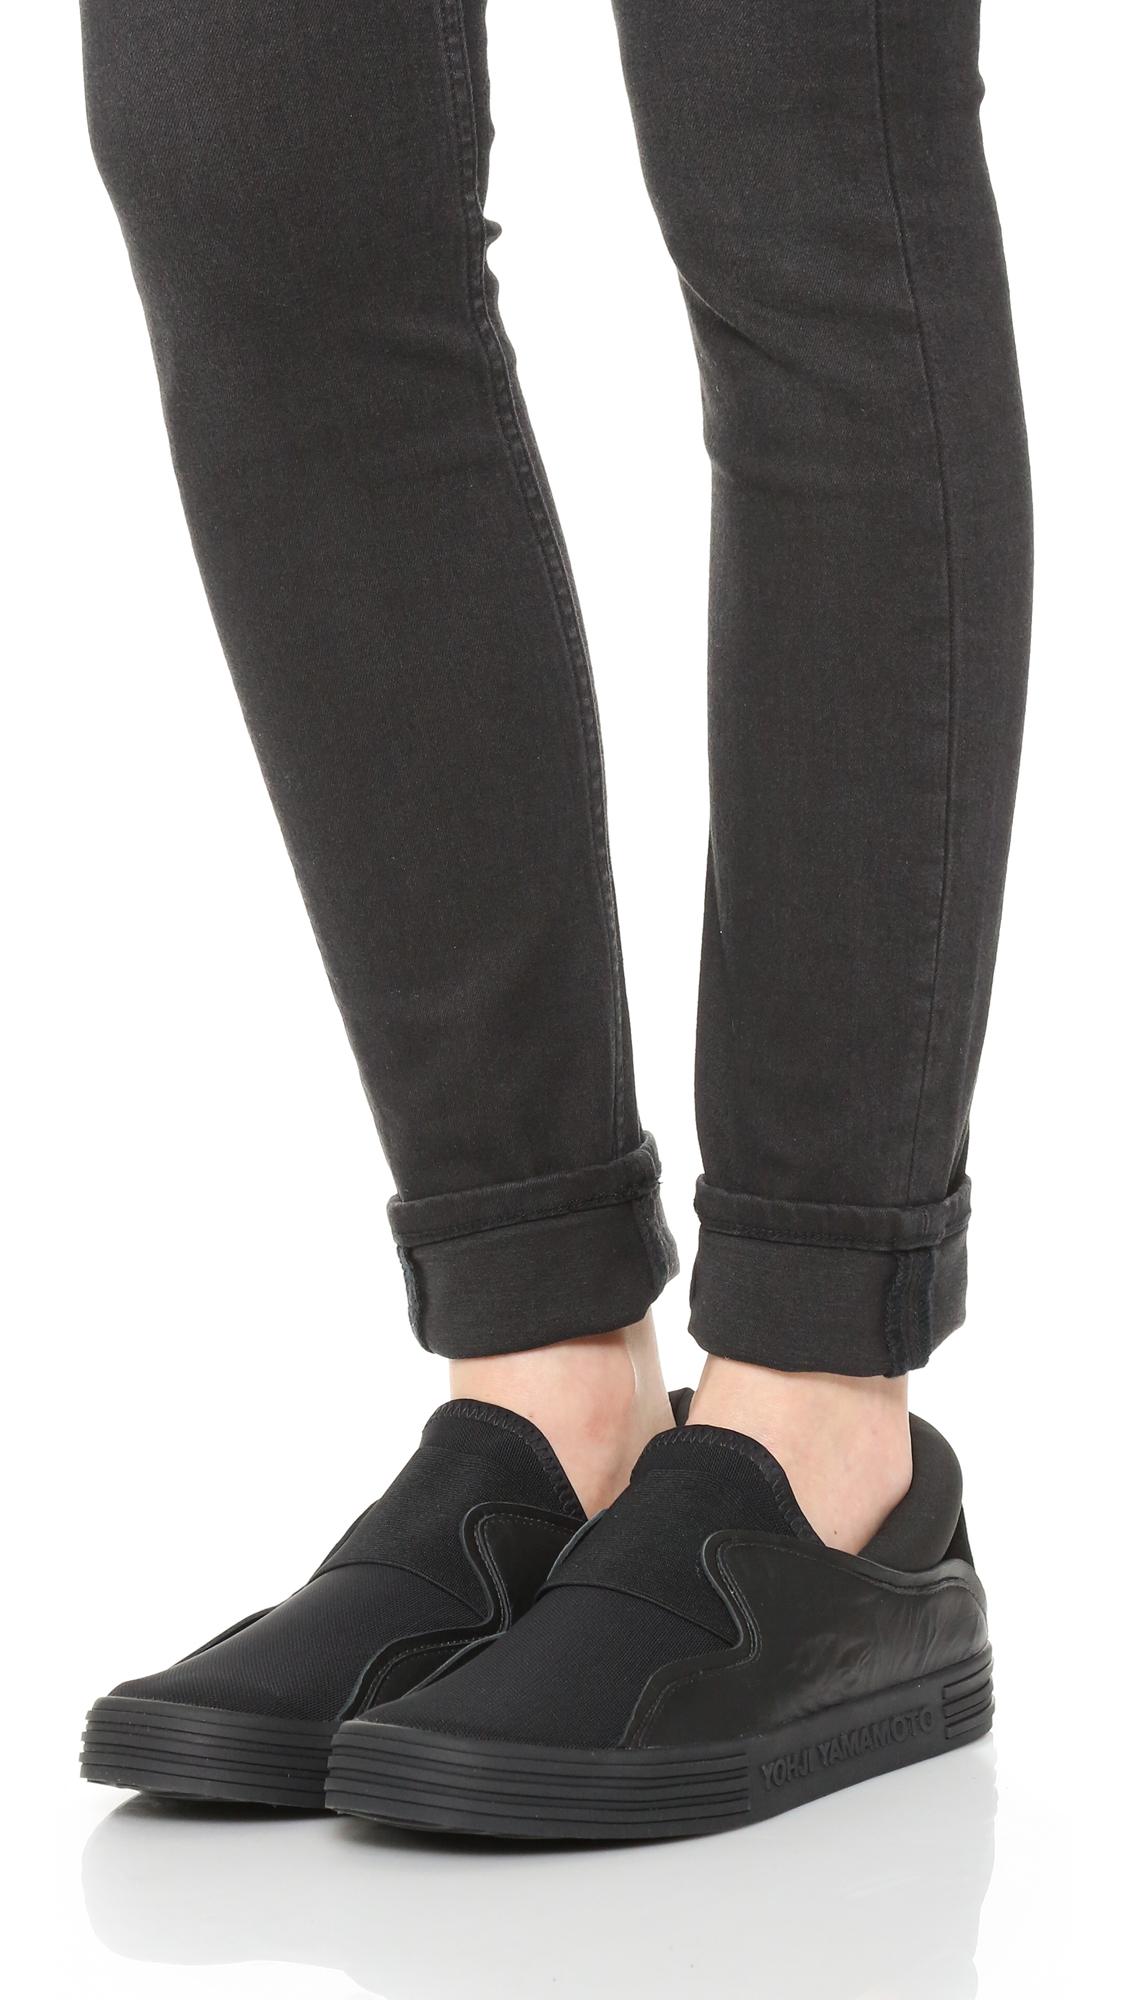 Y-3 Leather Sunja Slip On Sneakers in Black